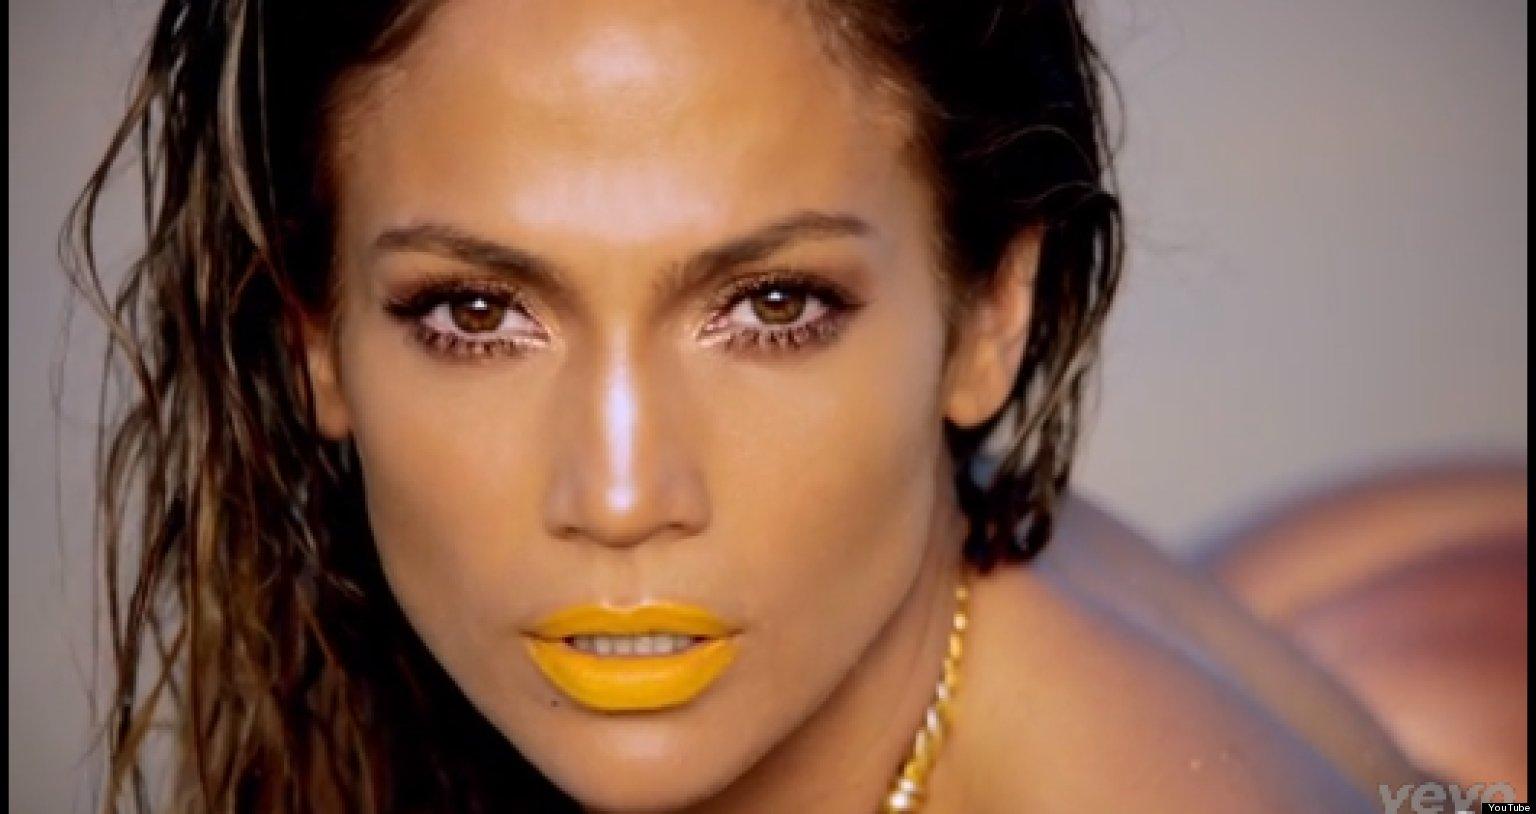 Jennifer Lopez: Jennifer Lopez 'Live It Up' Video: 5 Reasons J-Lo Needs To